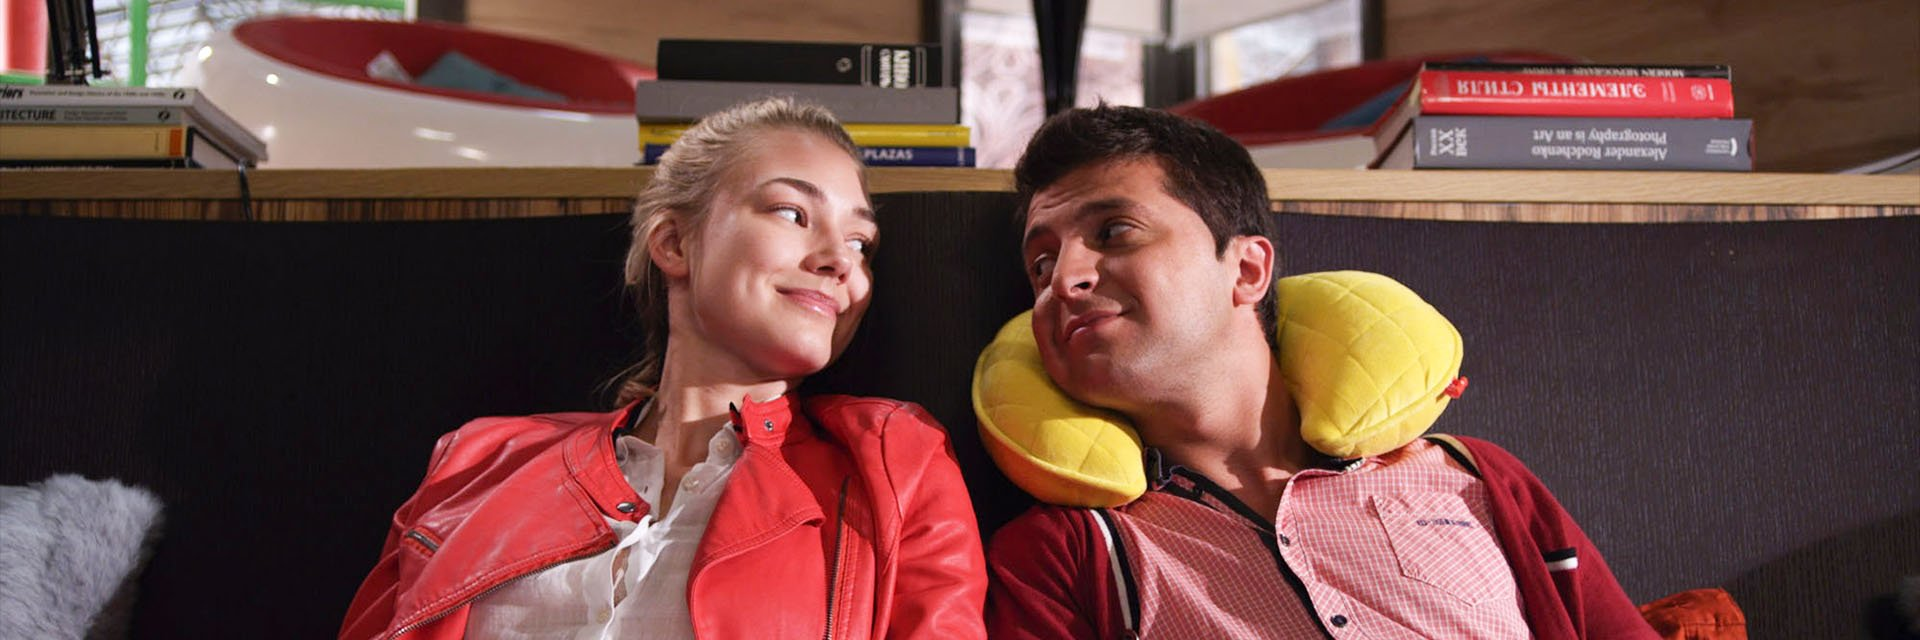 Инкассаторы - 2012: актеры, рейтинг и отзывы на канале Дом кино